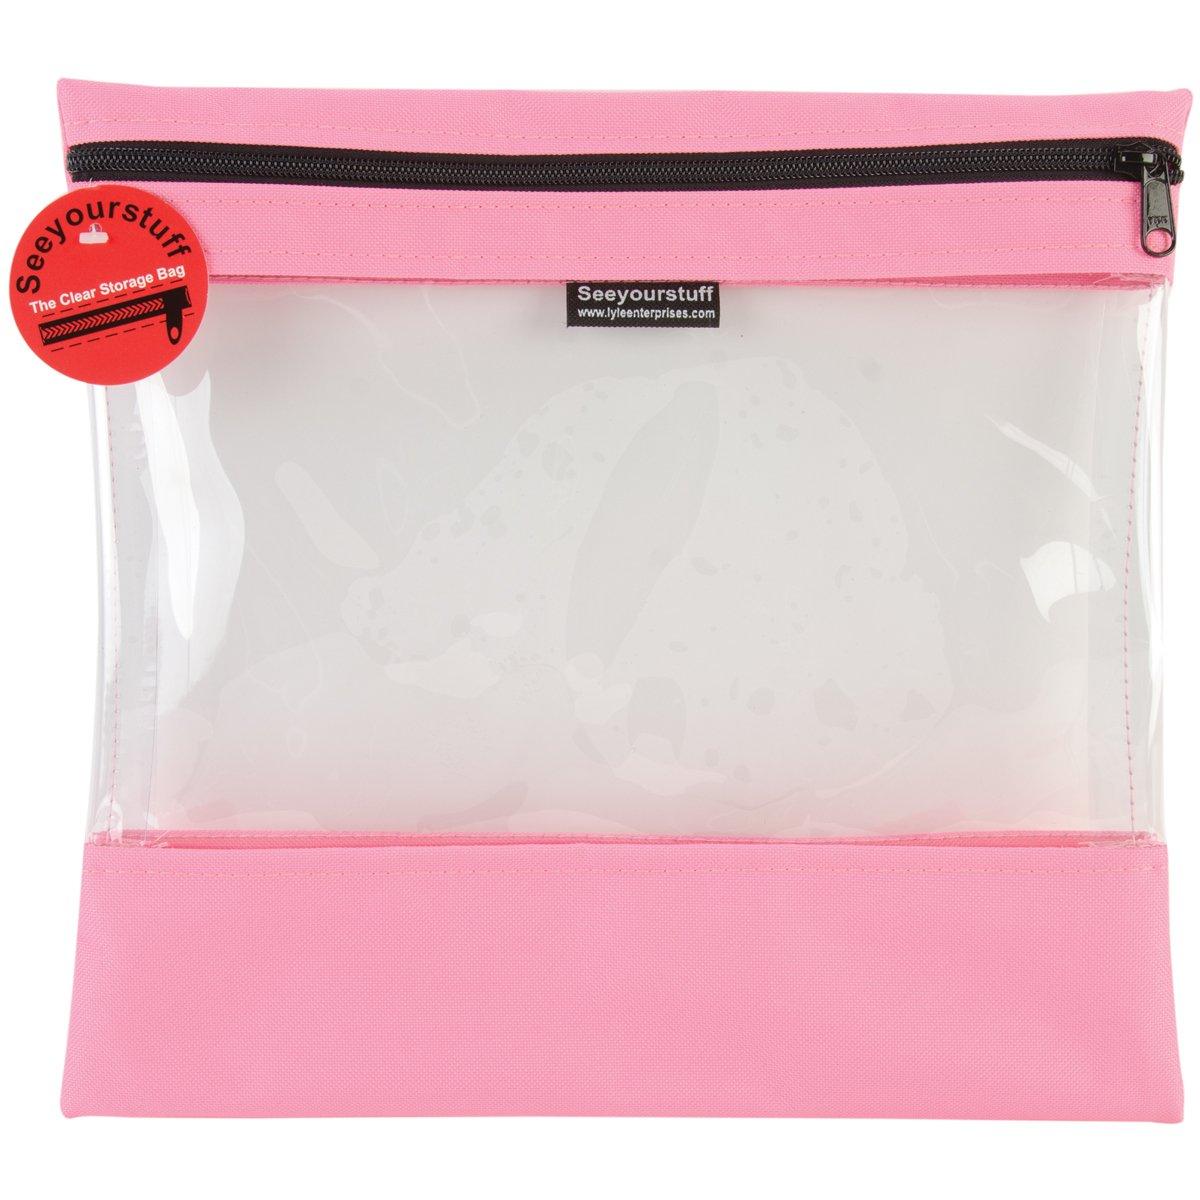 todos los bienes son especiales Lyle sysb3-rosado Ver Ver Ver su Stuff Transparente Bolsa de Almacenamiento, 12 por 13 Pulgadas, Color Rosa  excelentes precios